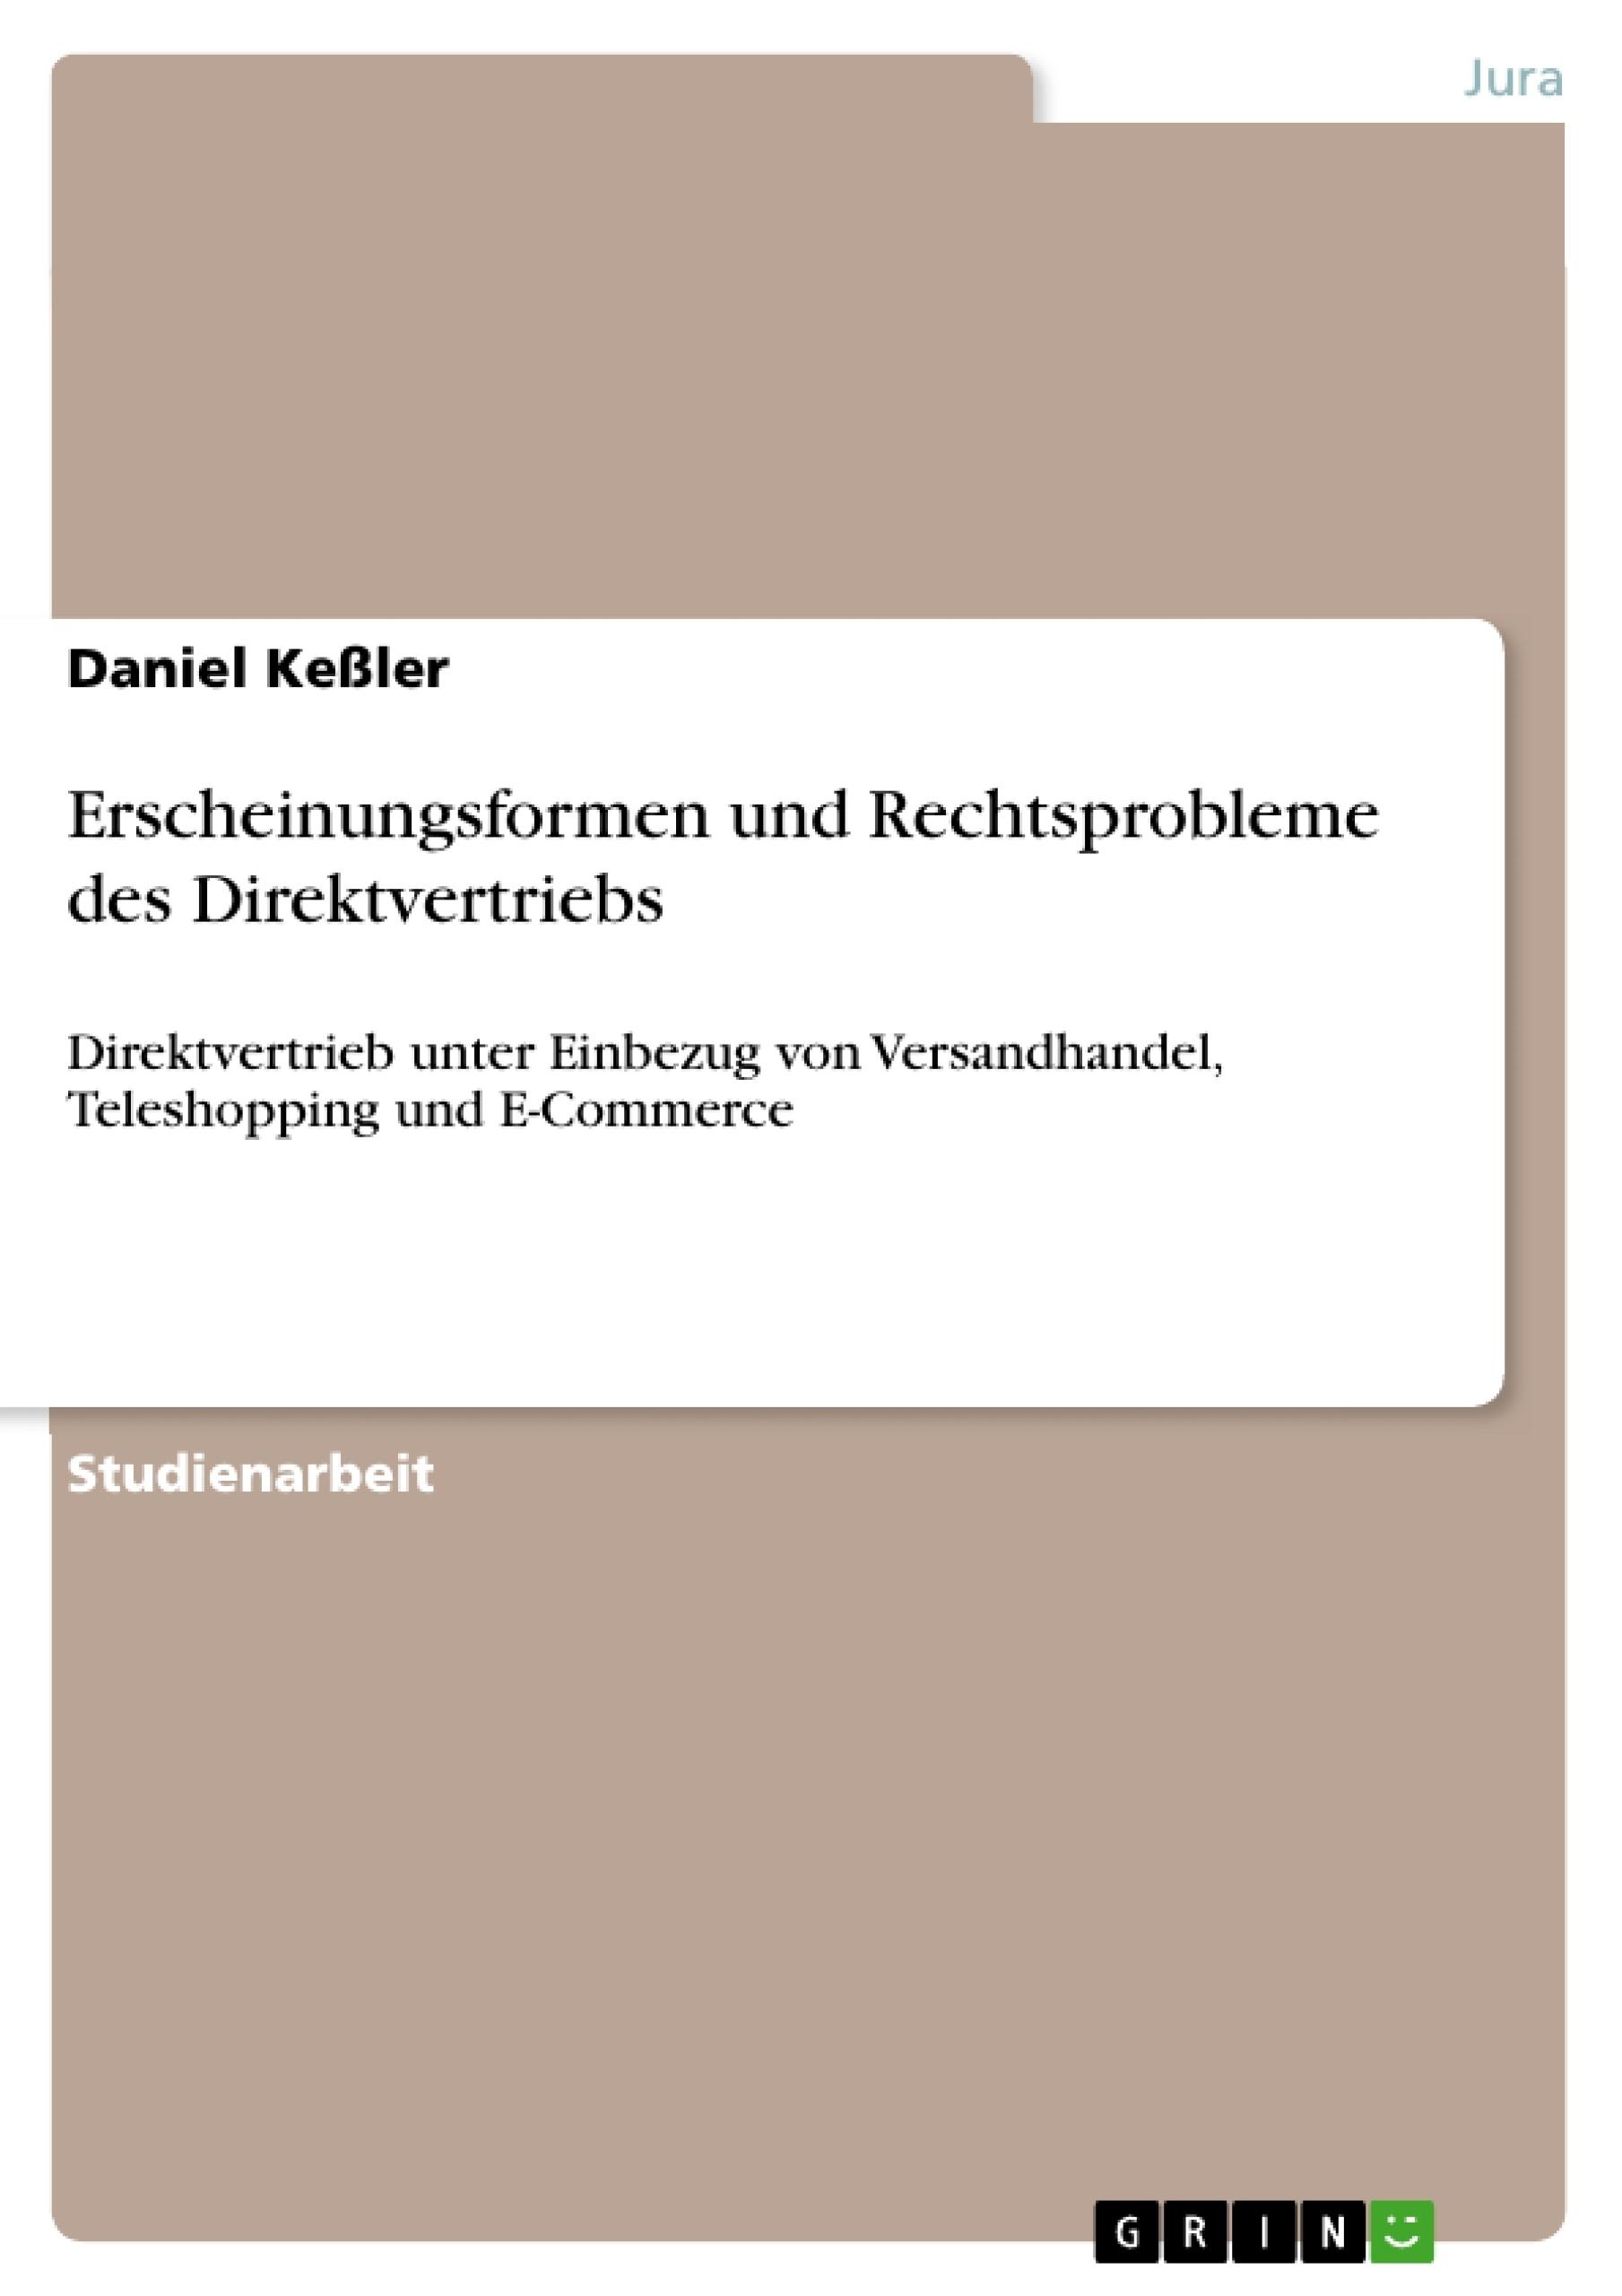 Titel: Erscheinungsformen und Rechtsprobleme des Direktvertriebs